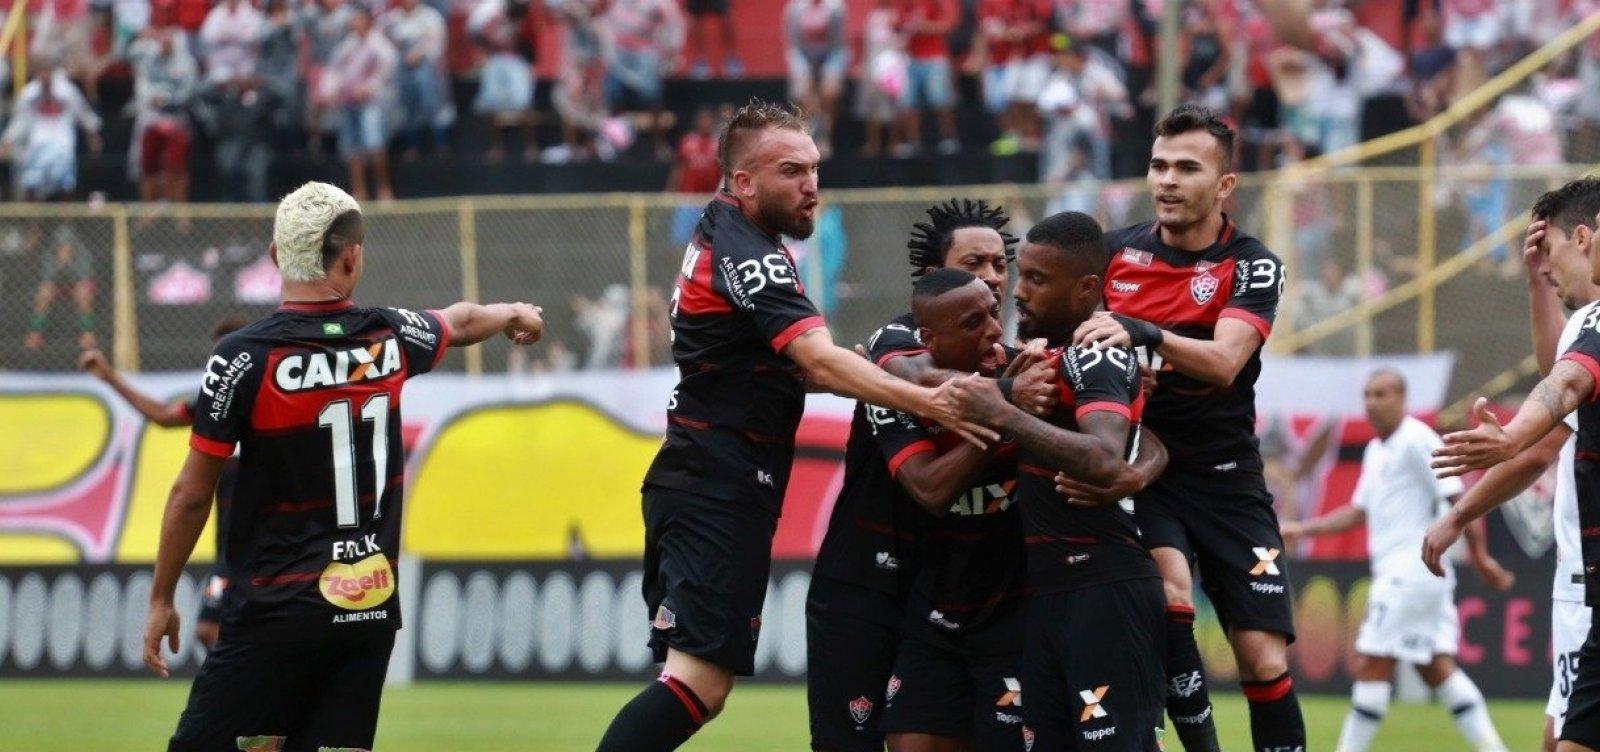 Vitória sai na frente, mas empata com Corinthians e fica perto do Z4